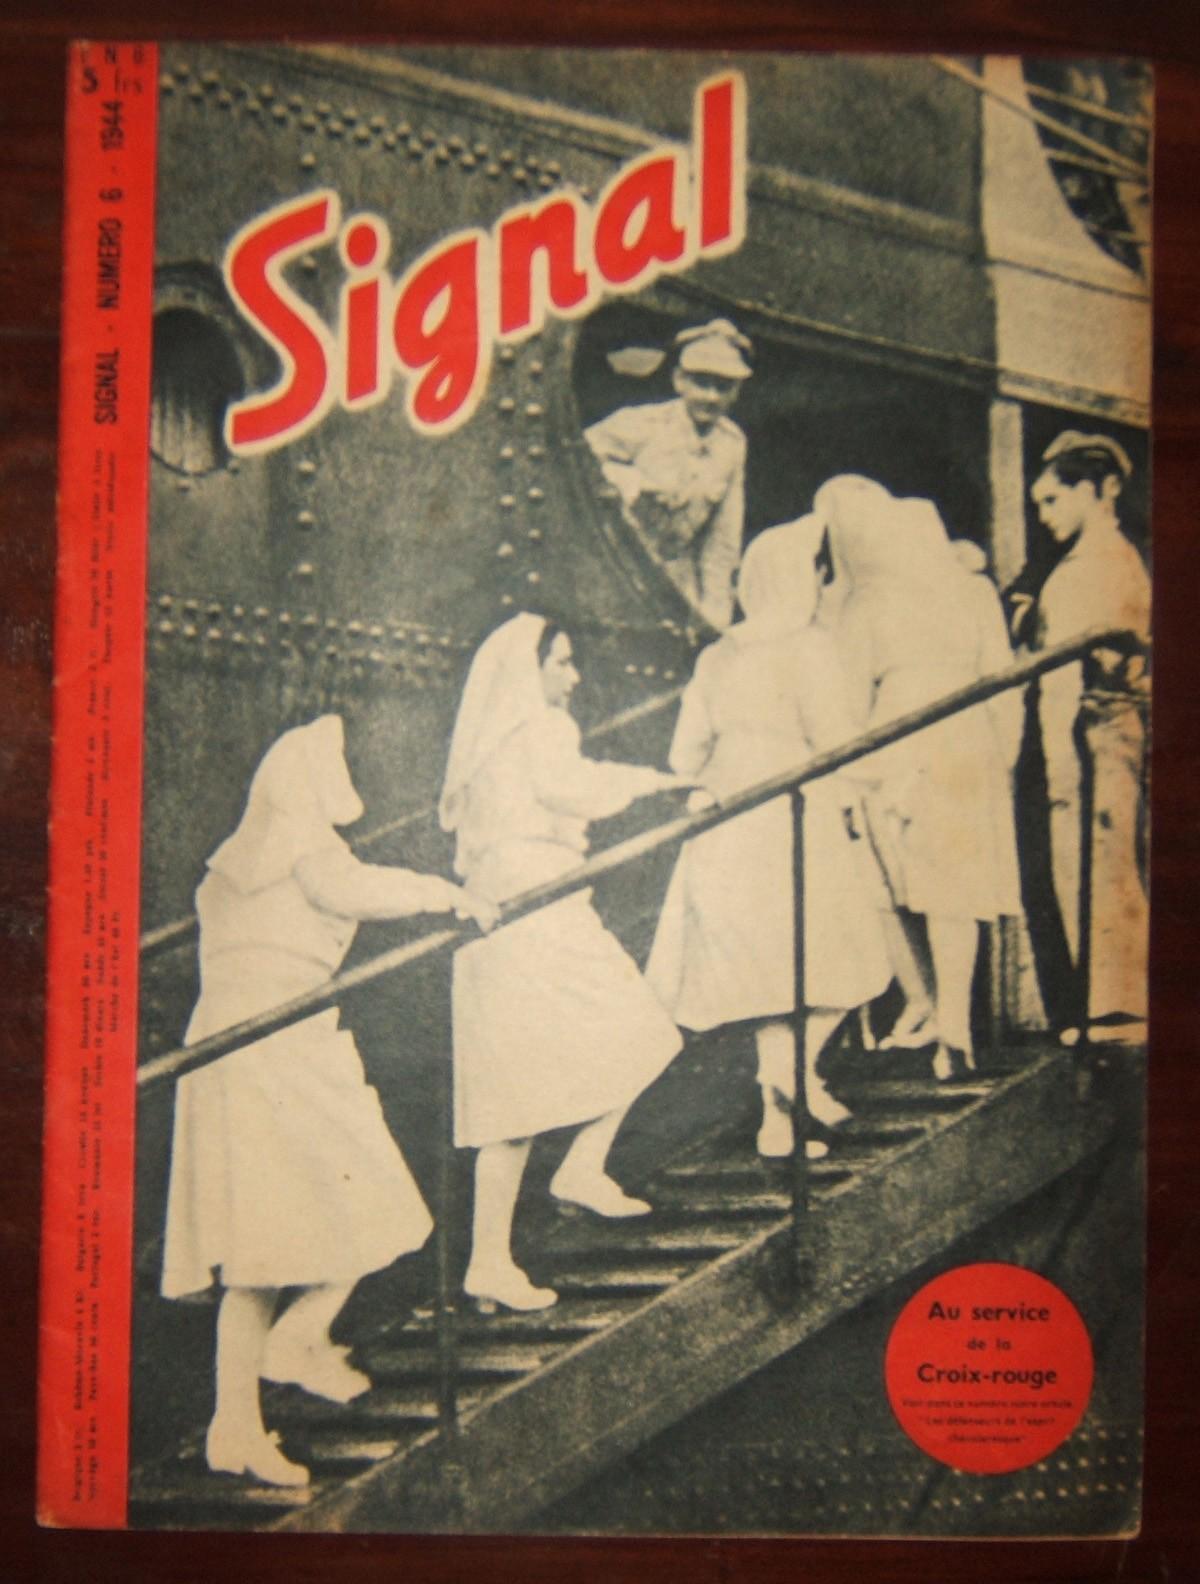 Signal' Deutsches Propaganda Magazin, II. Weltkrieg, französische Ausgabe, April-Mai 1944